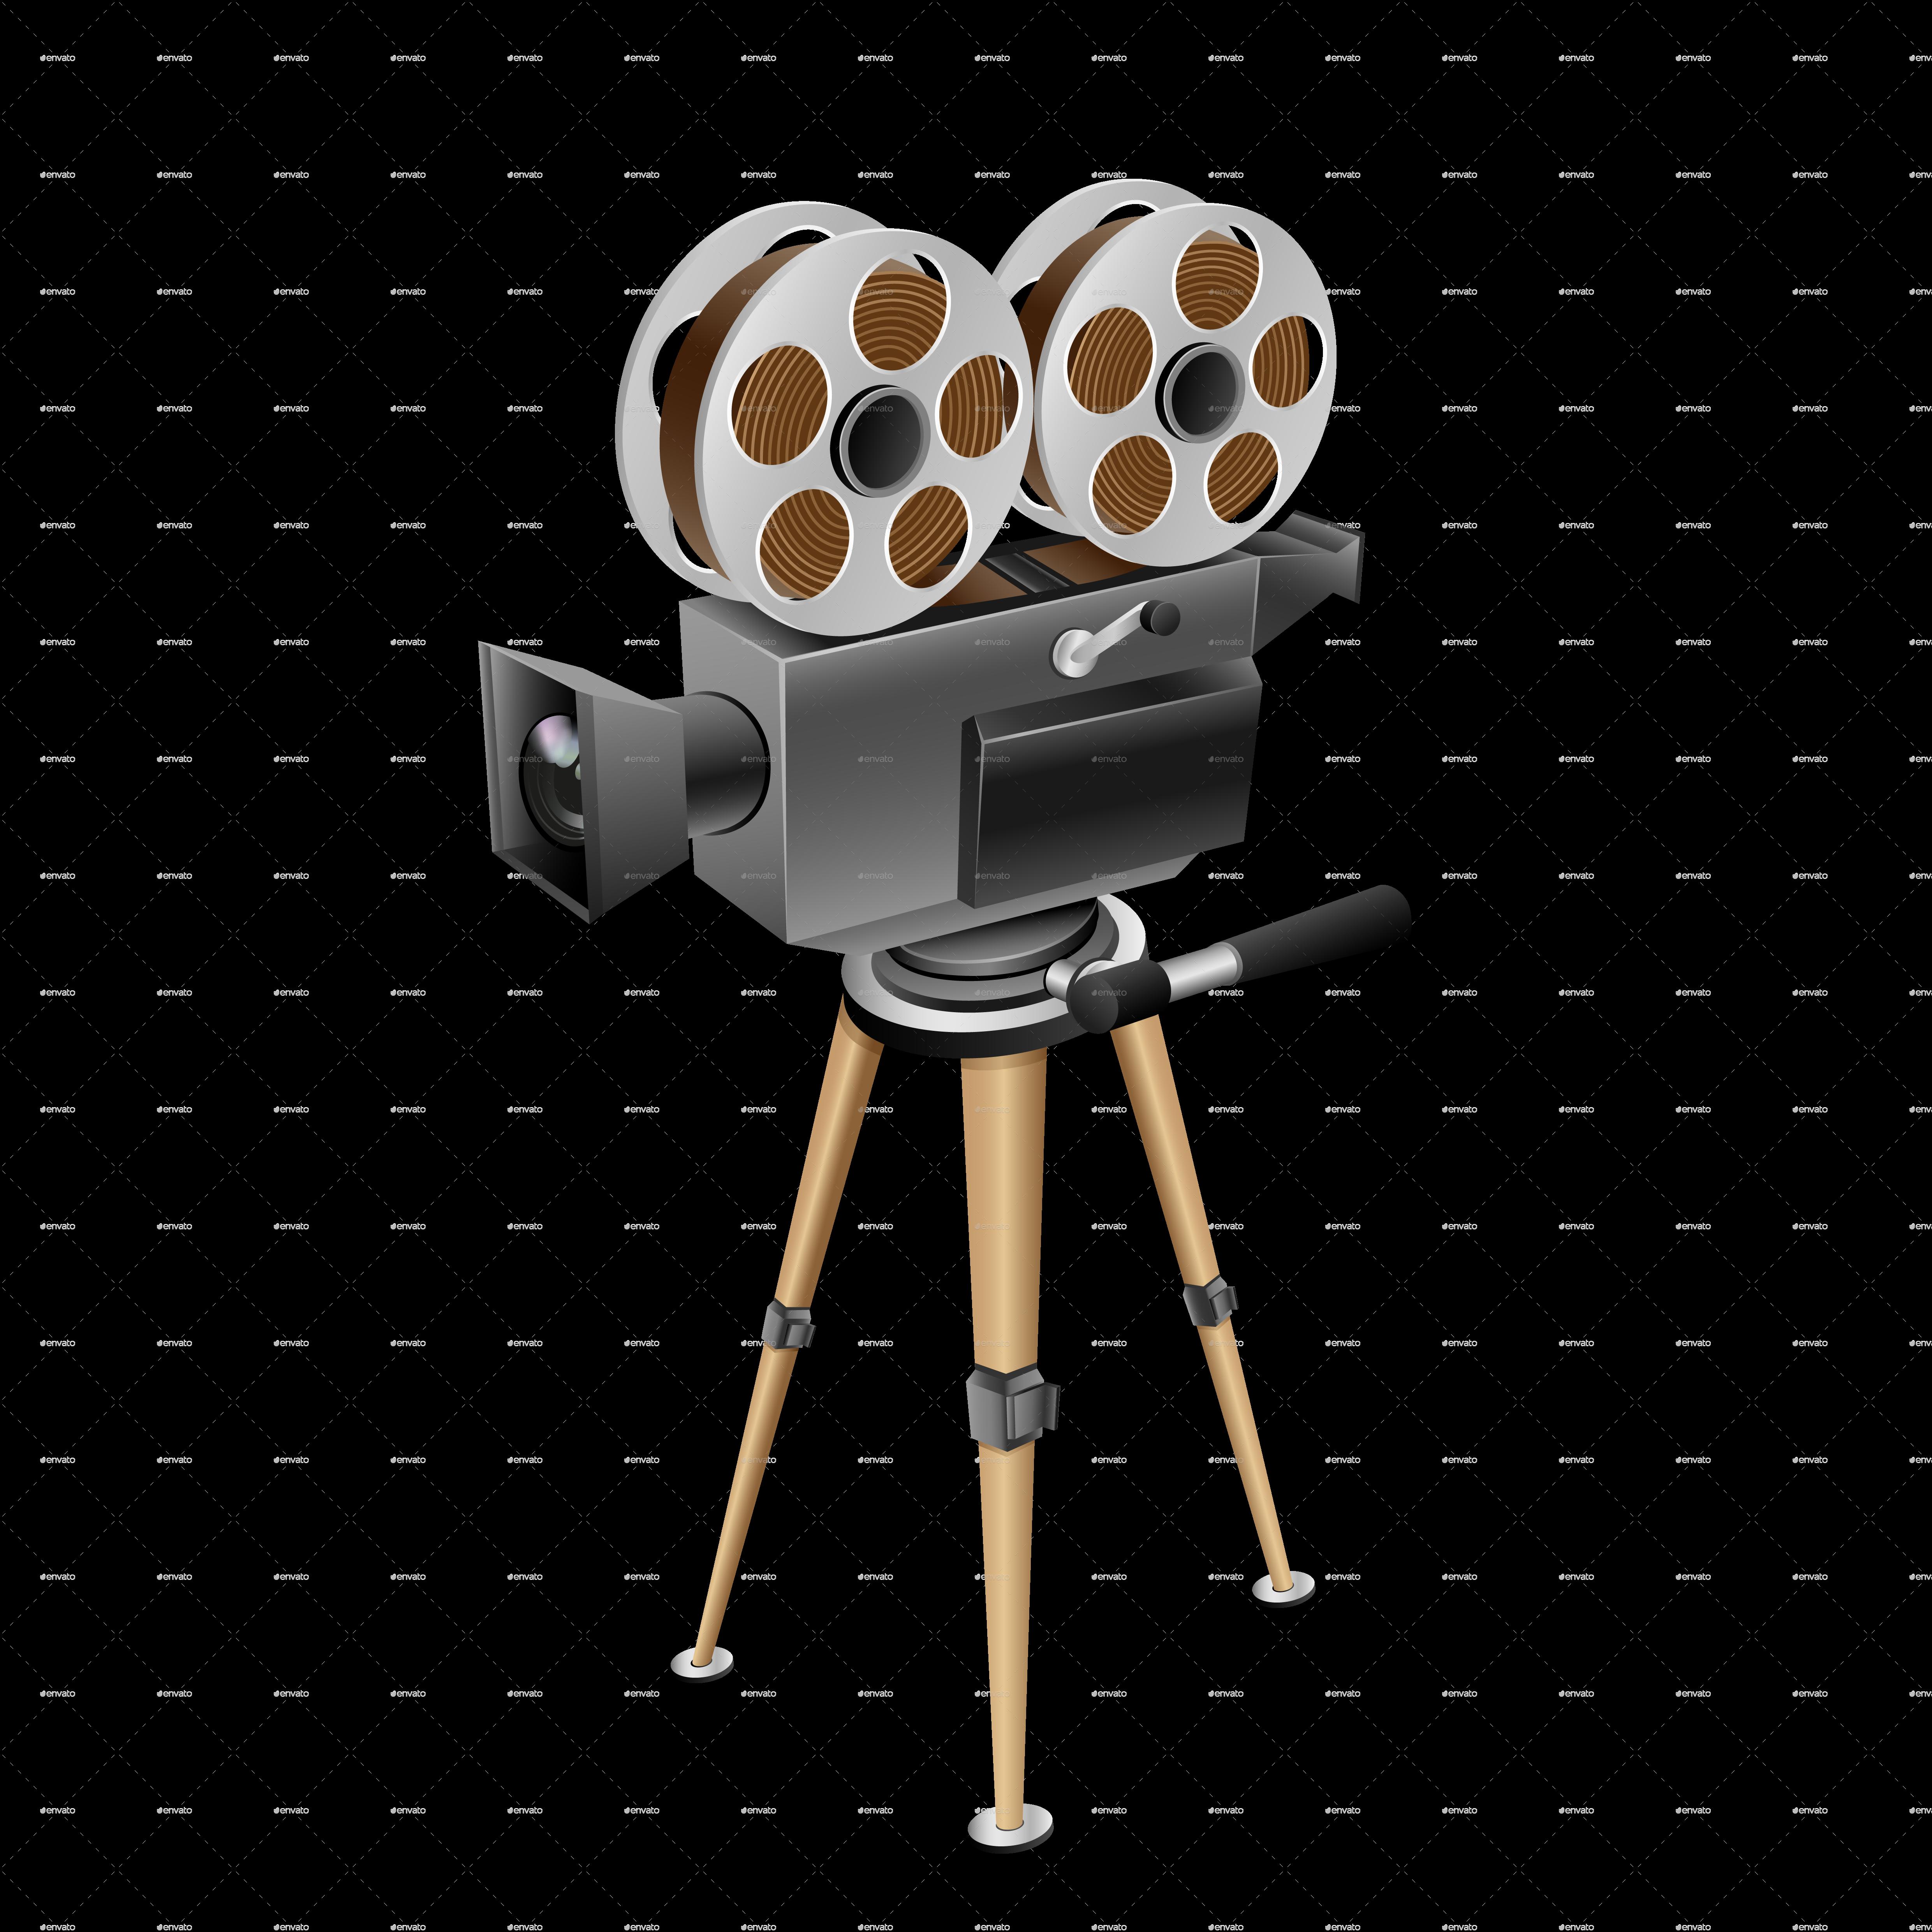 Retro Cinema Camera by romvo | GraphicRiver Кинокамера